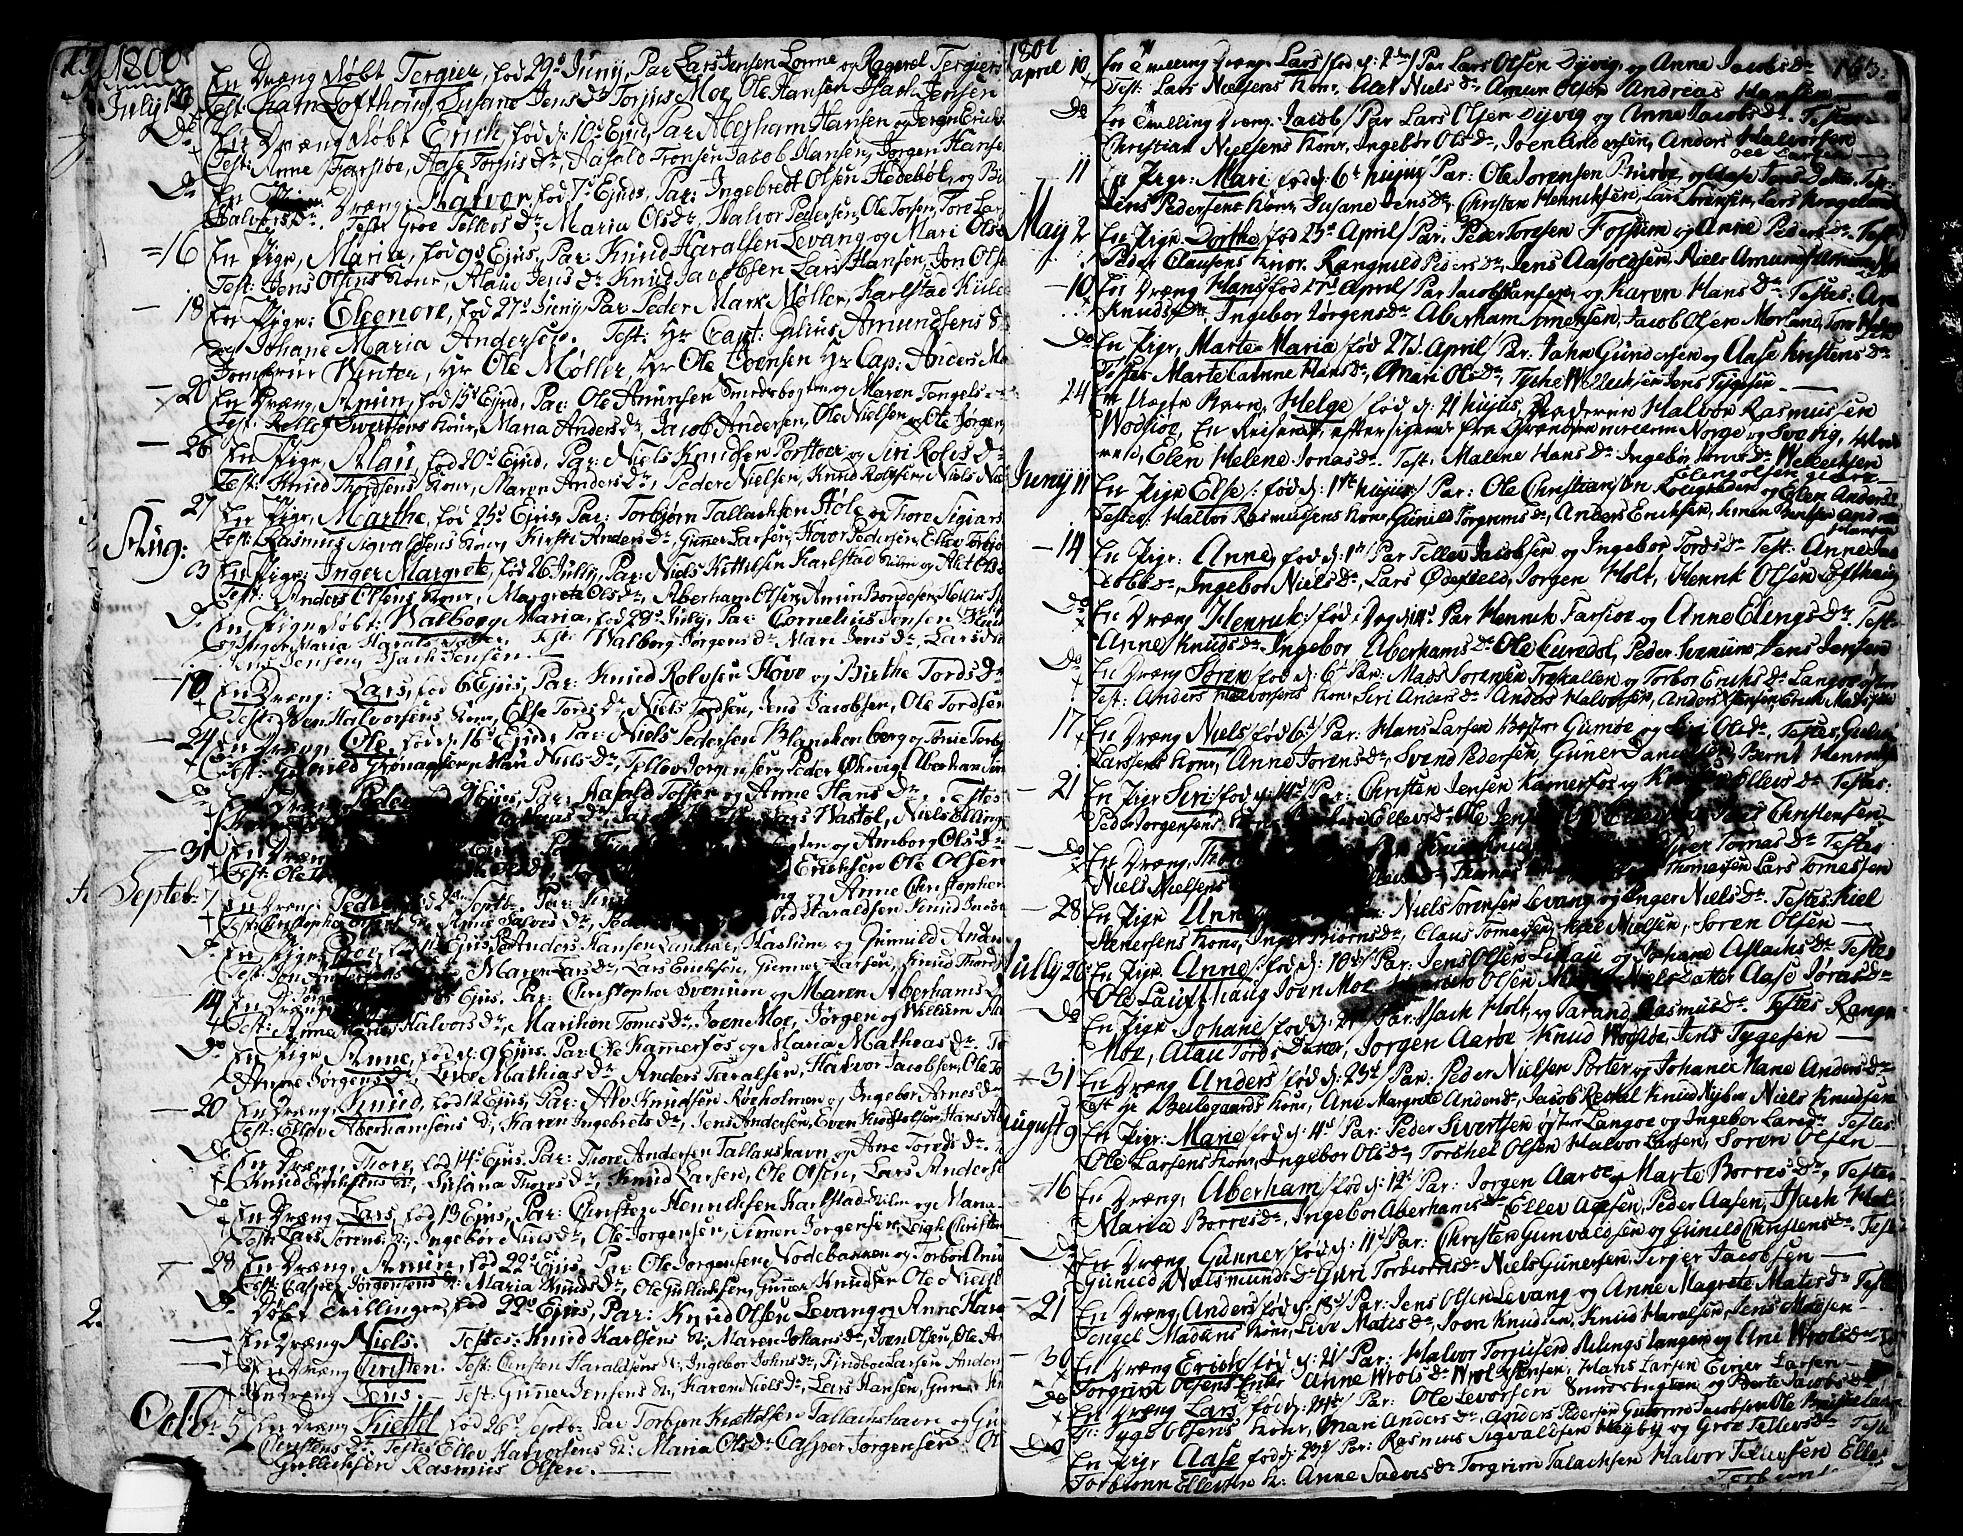 SAKO, Sannidal kirkebøker, F/Fa/L0002: Ministerialbok nr. 2, 1767-1802, s. 163